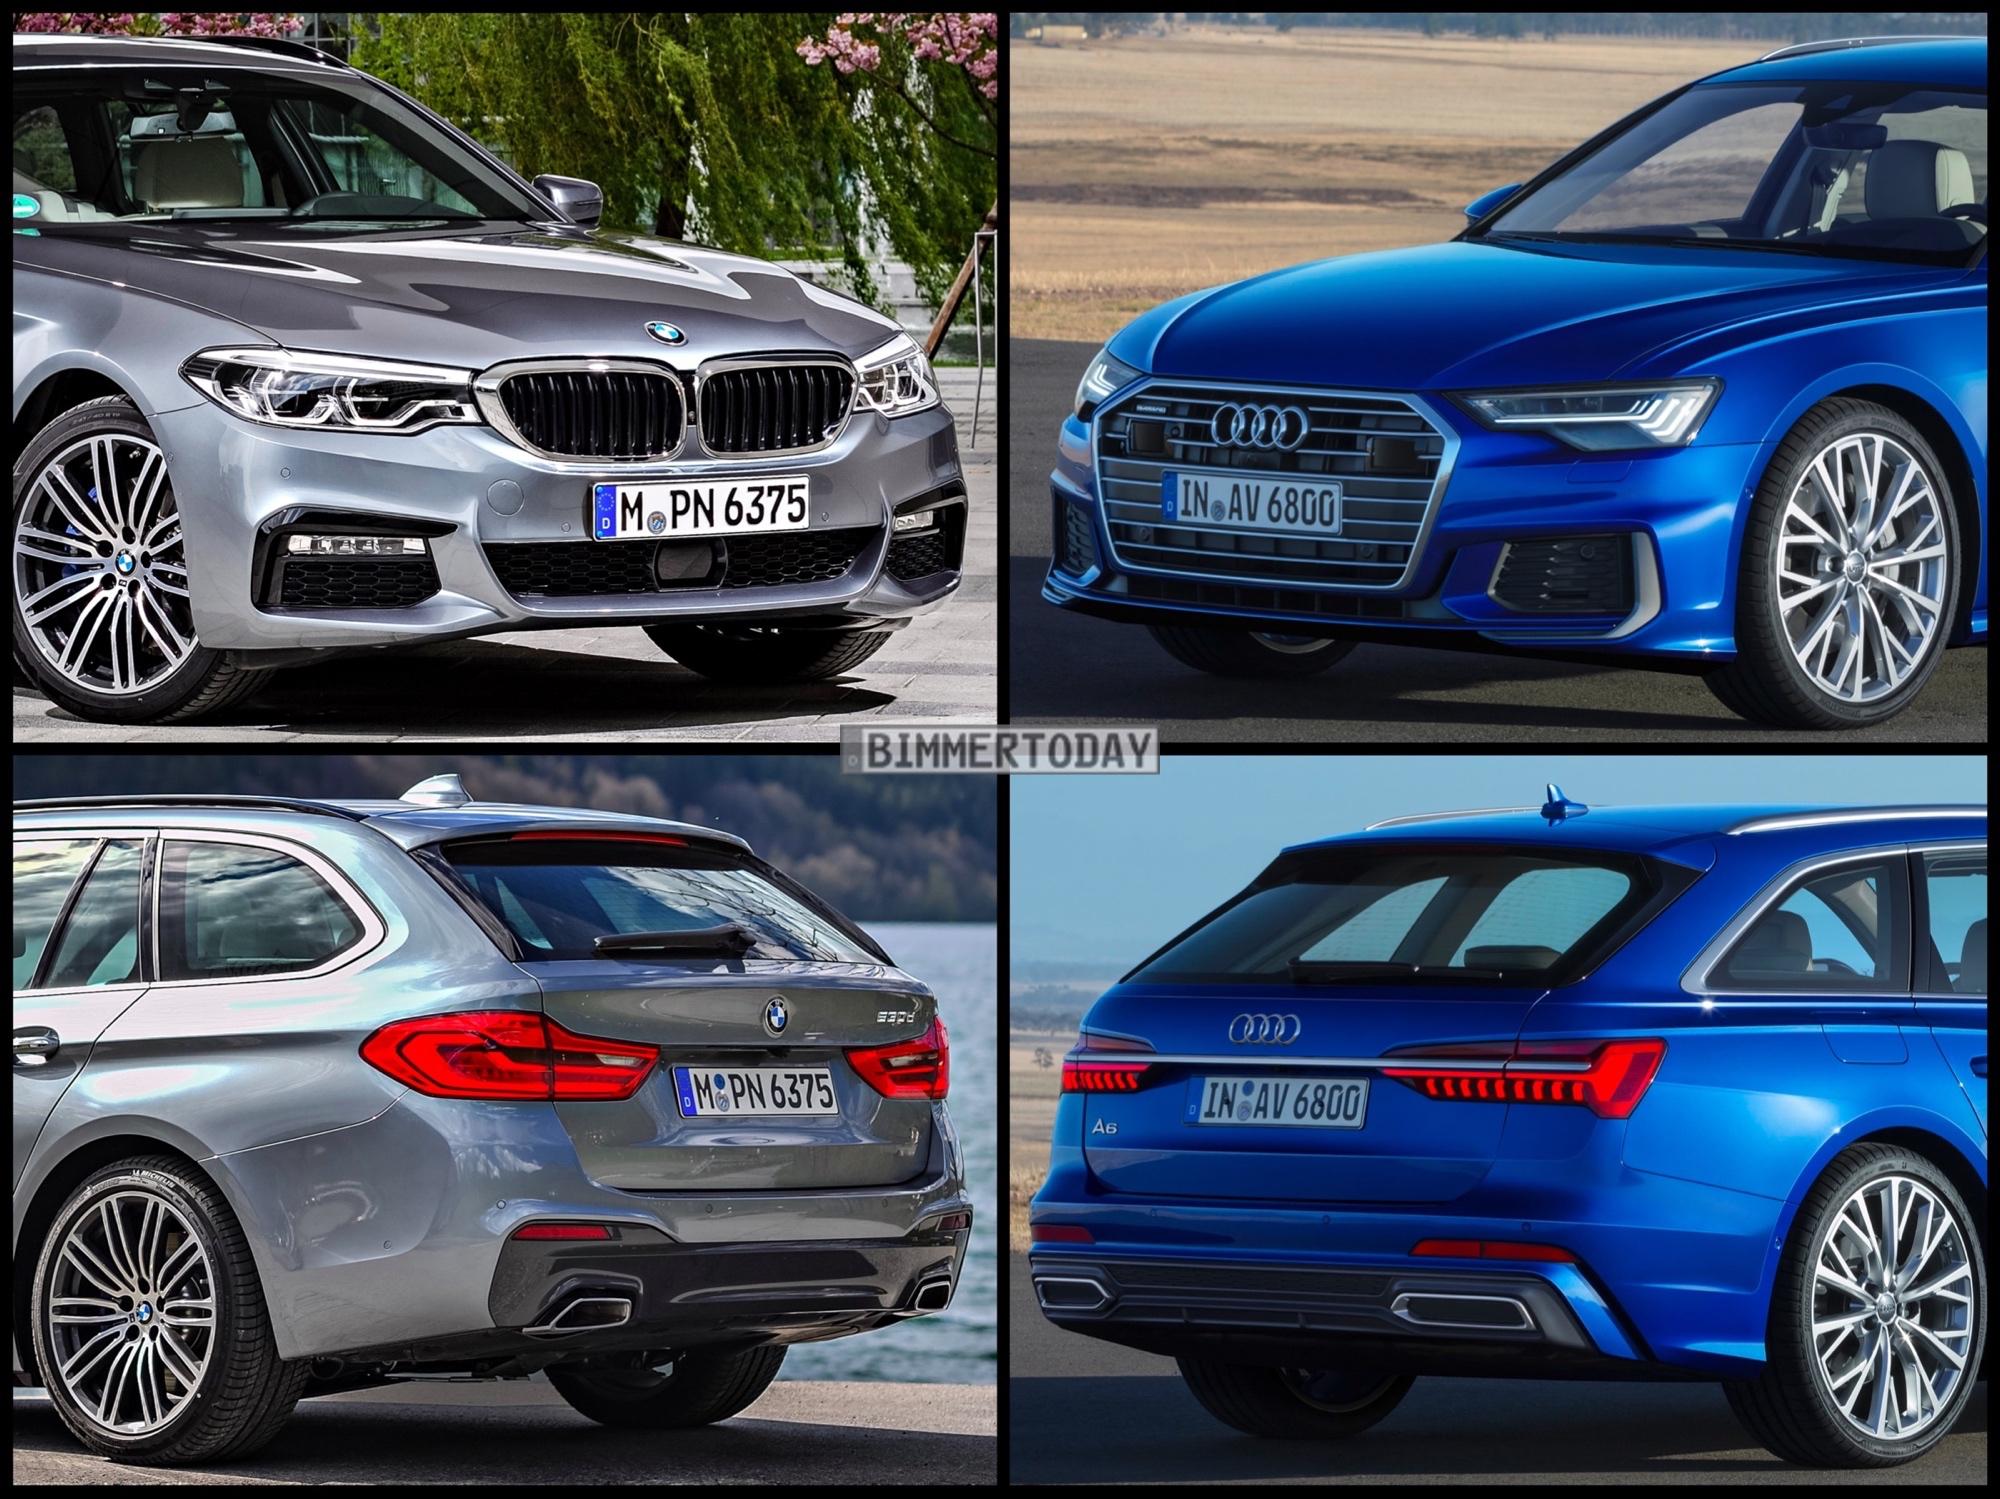 Audi A6 vs BMW 5 Series | What Car?